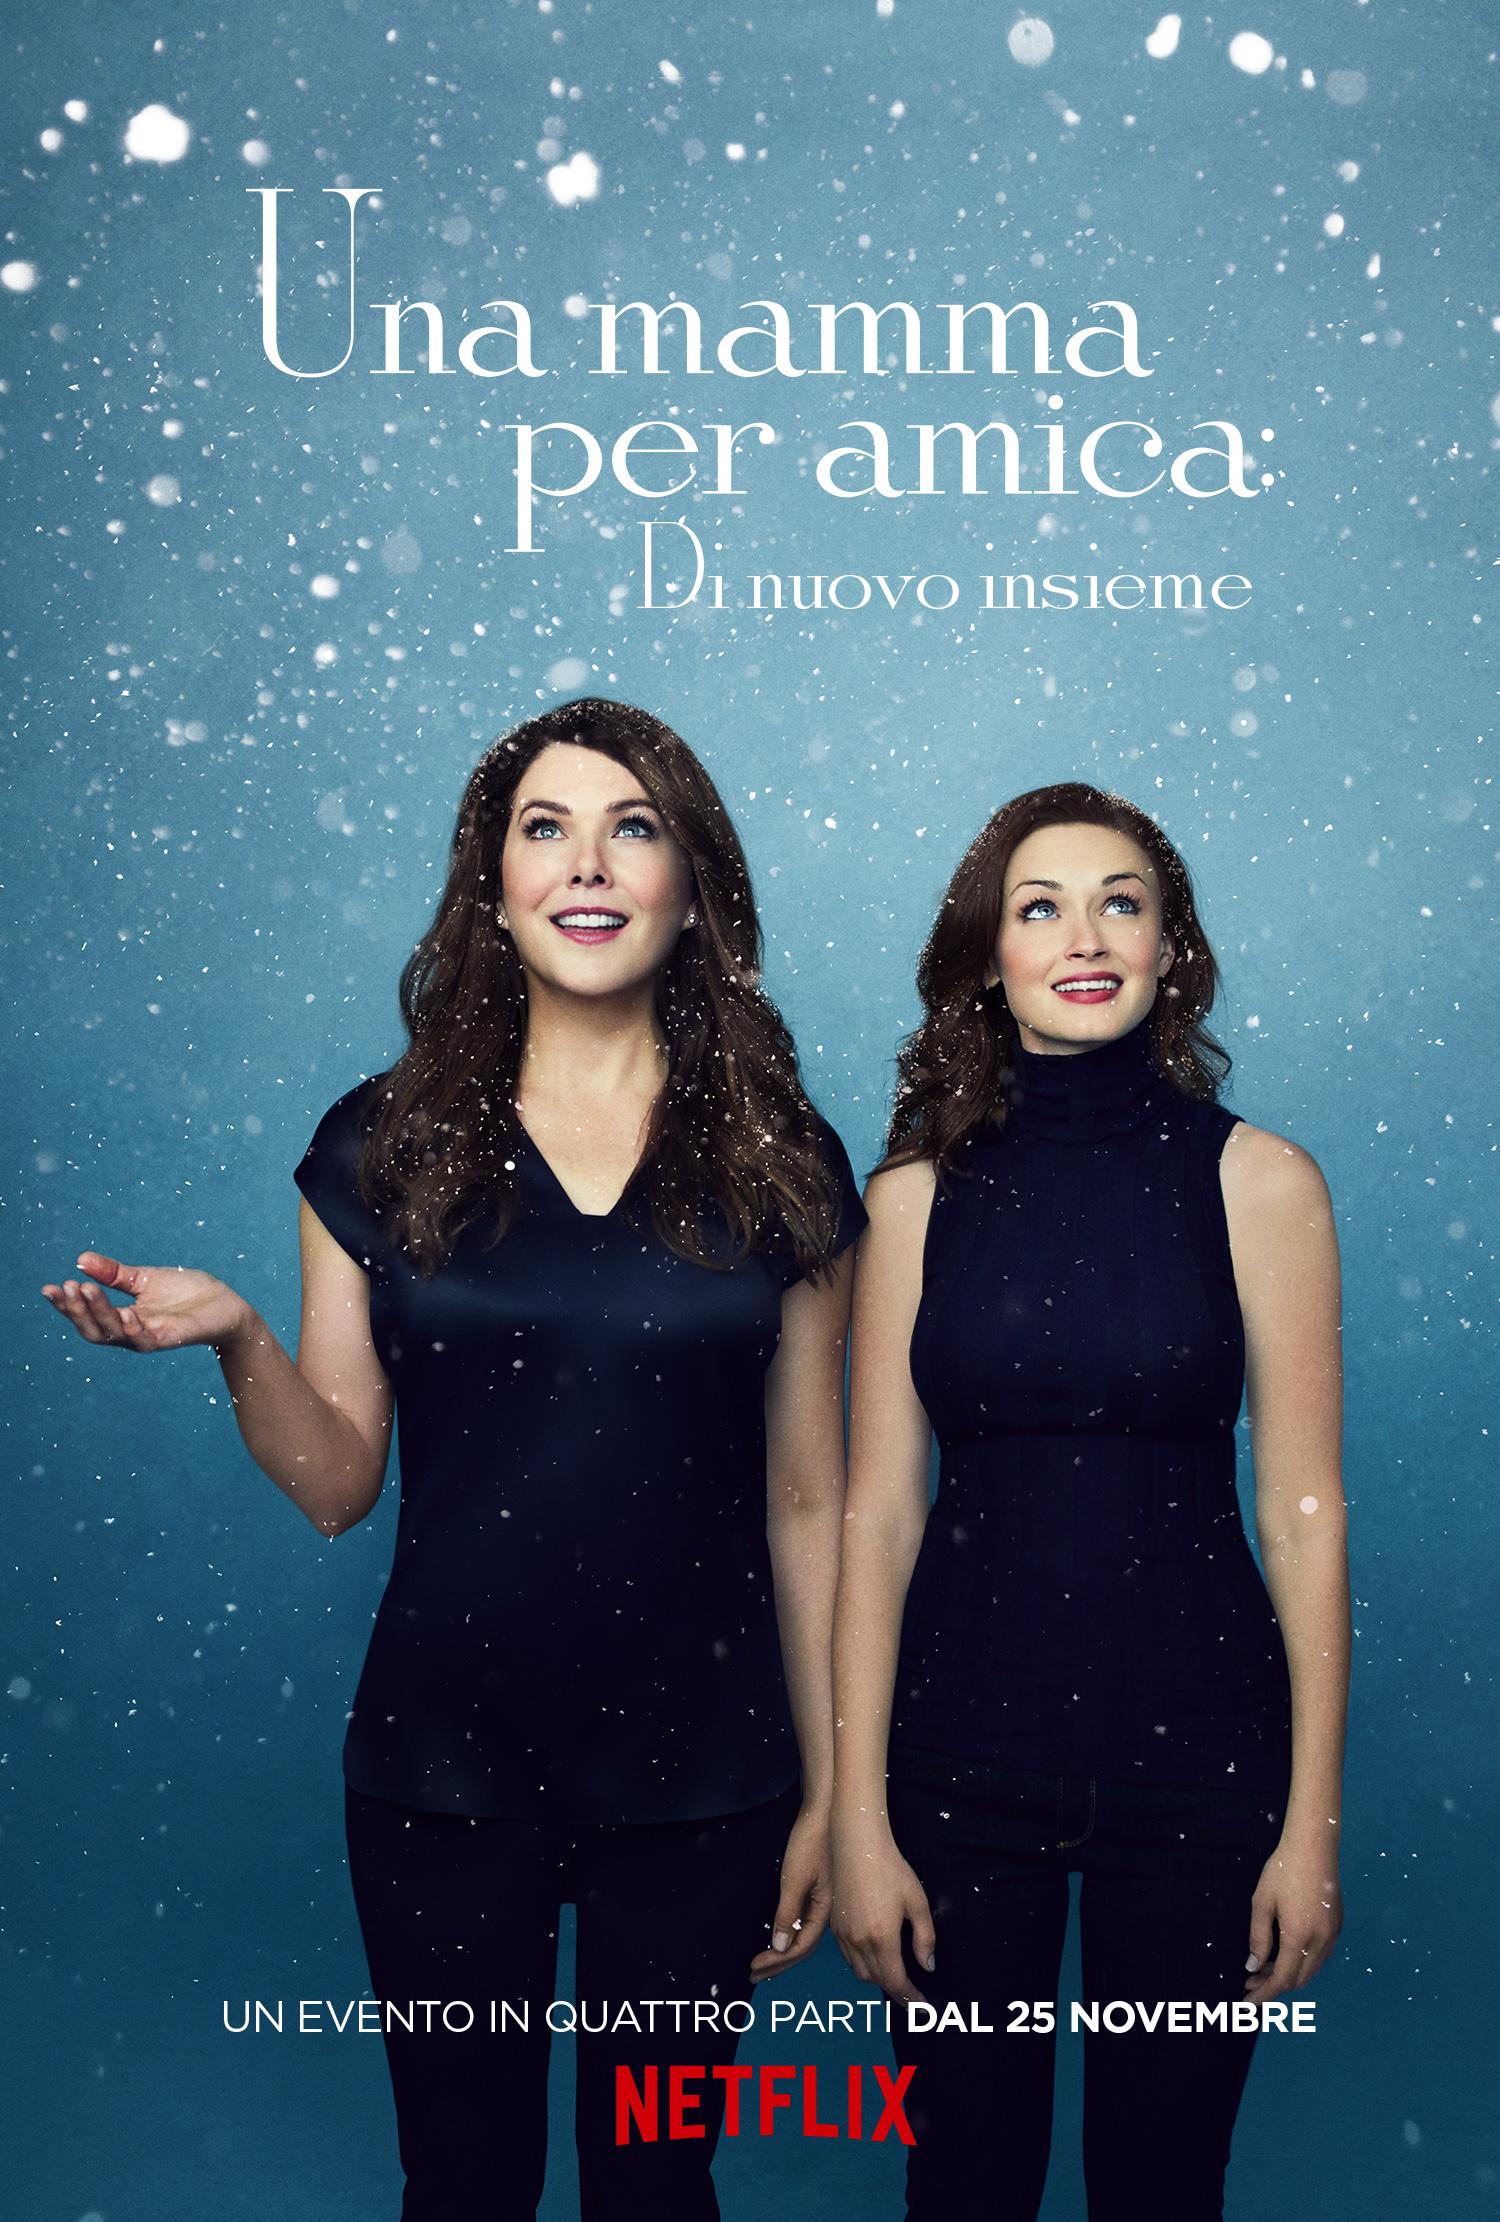 Una mamma per amica: di nuovo insieme - Poster dell'inverno